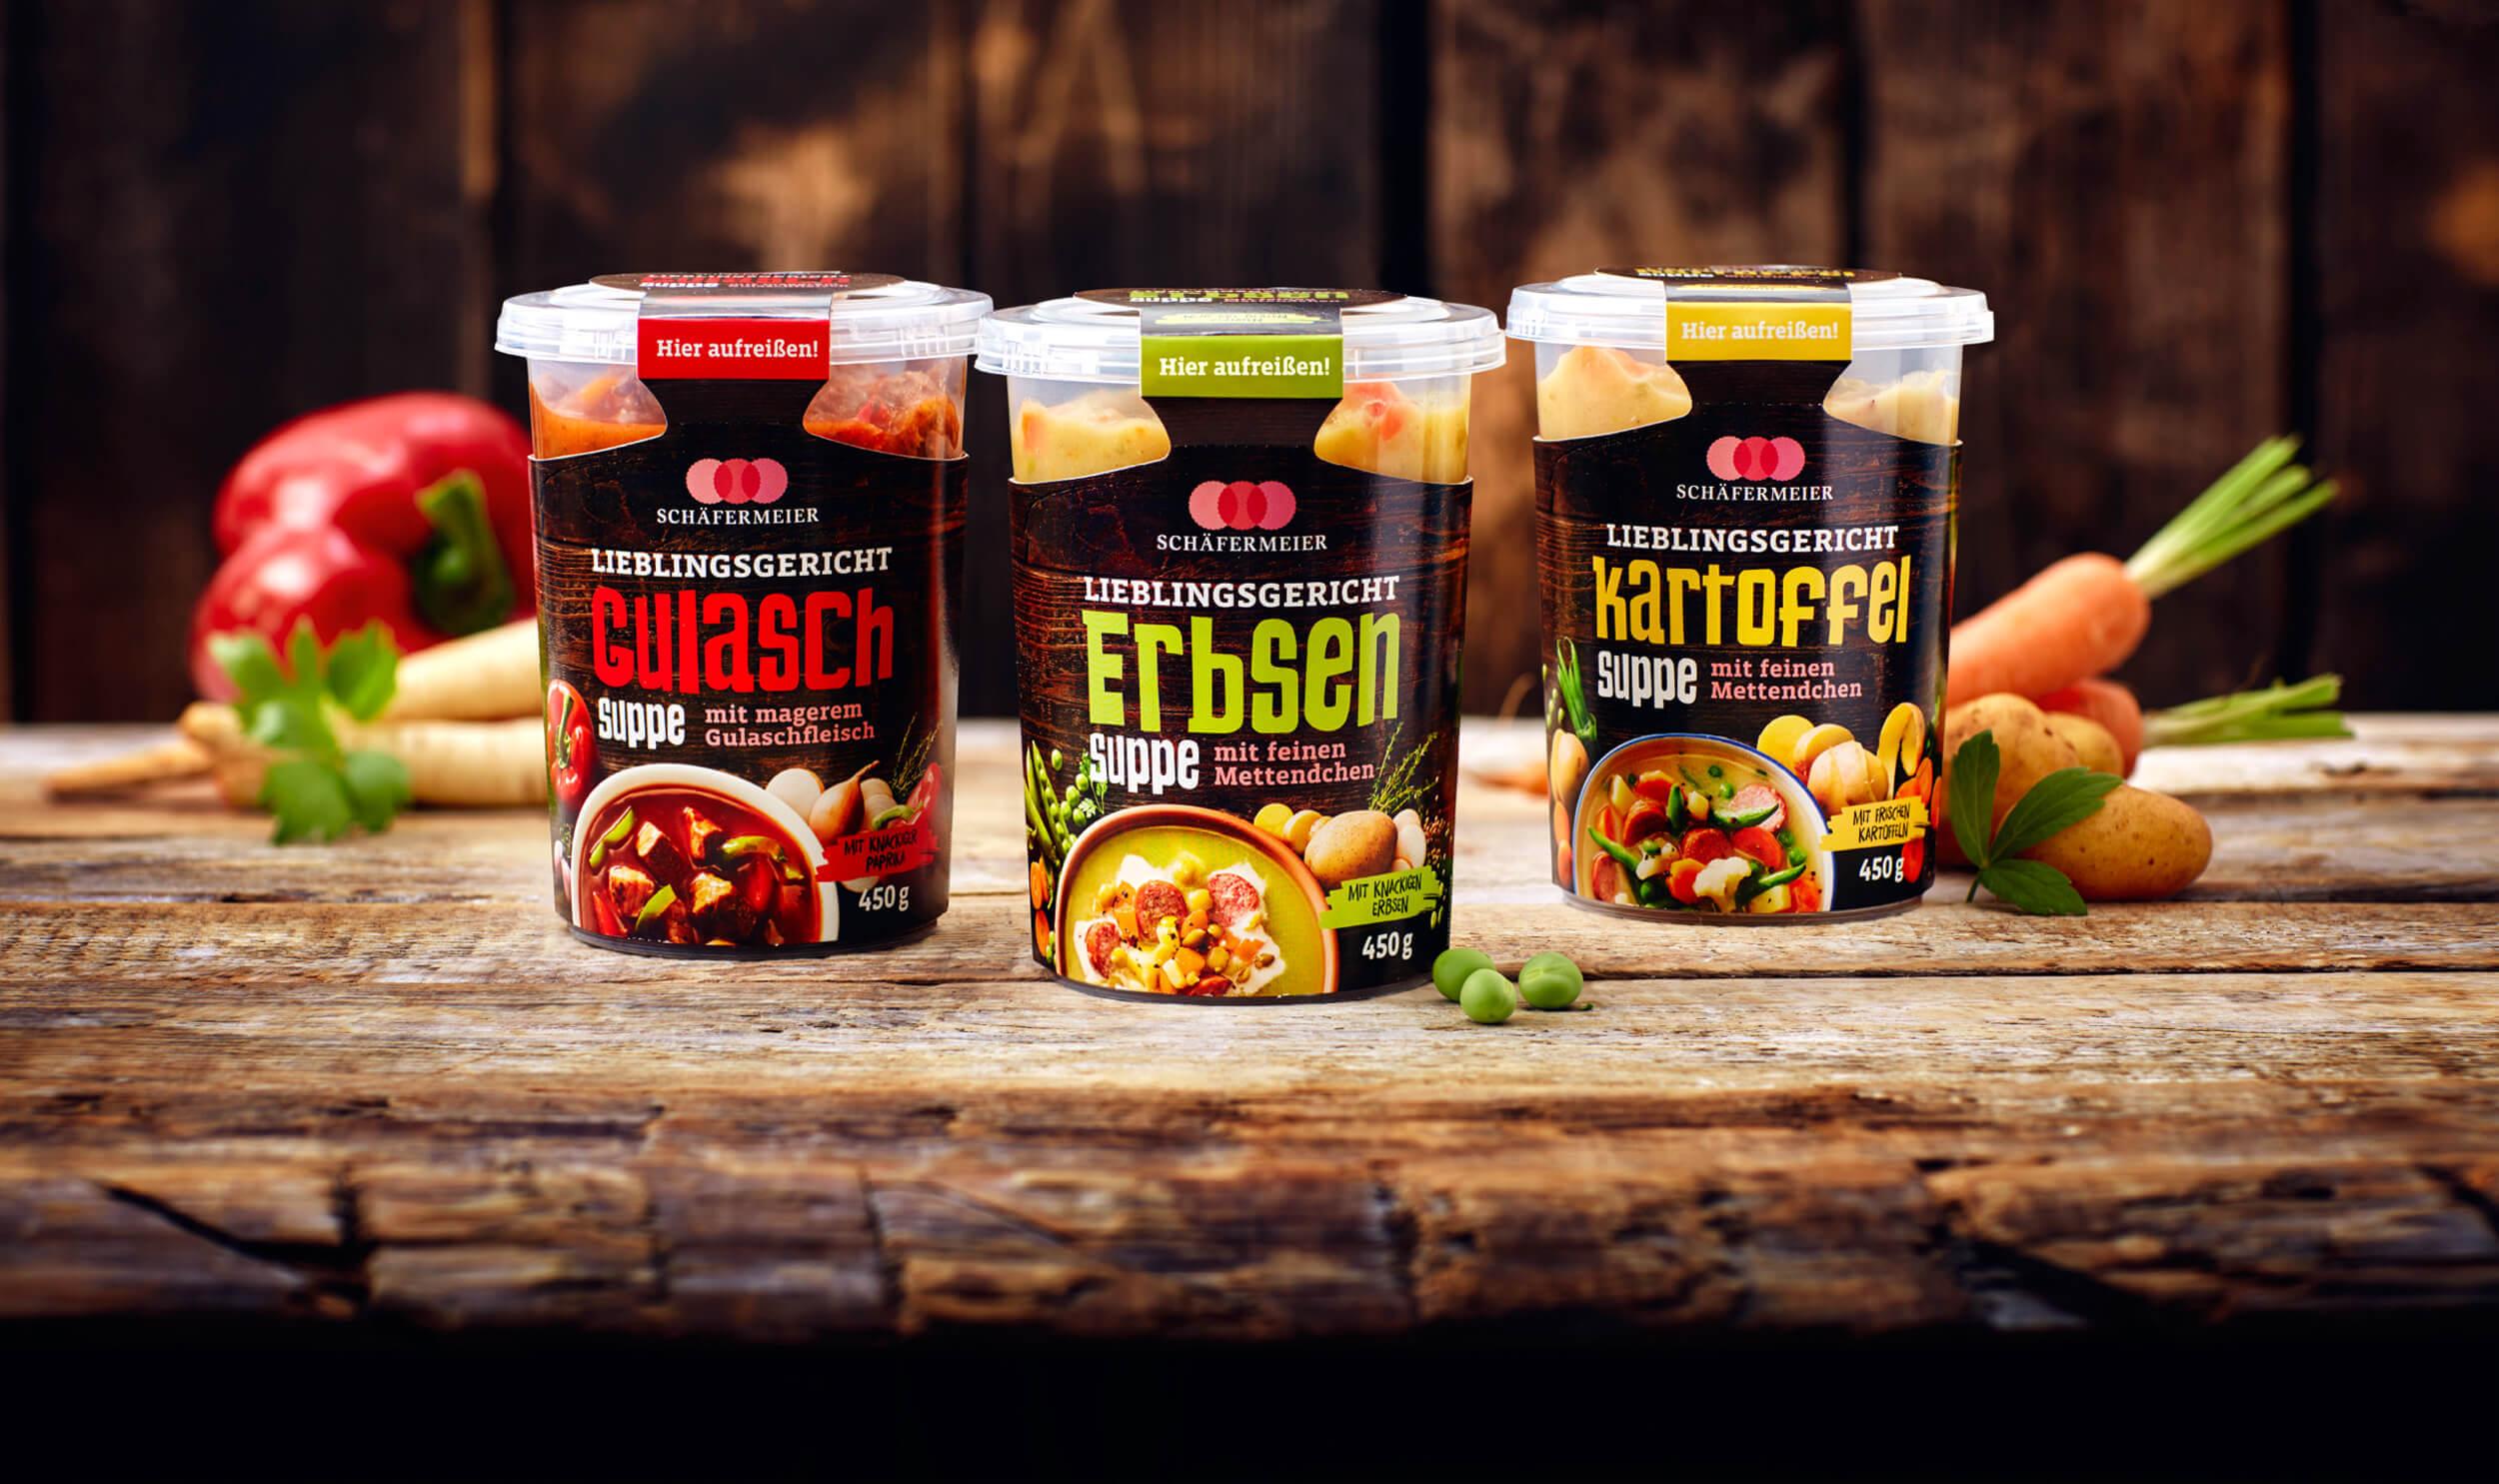 cyclos Schäfermeier Suppen Gulasch Erbsen Kartoffel Suppe Packaging design